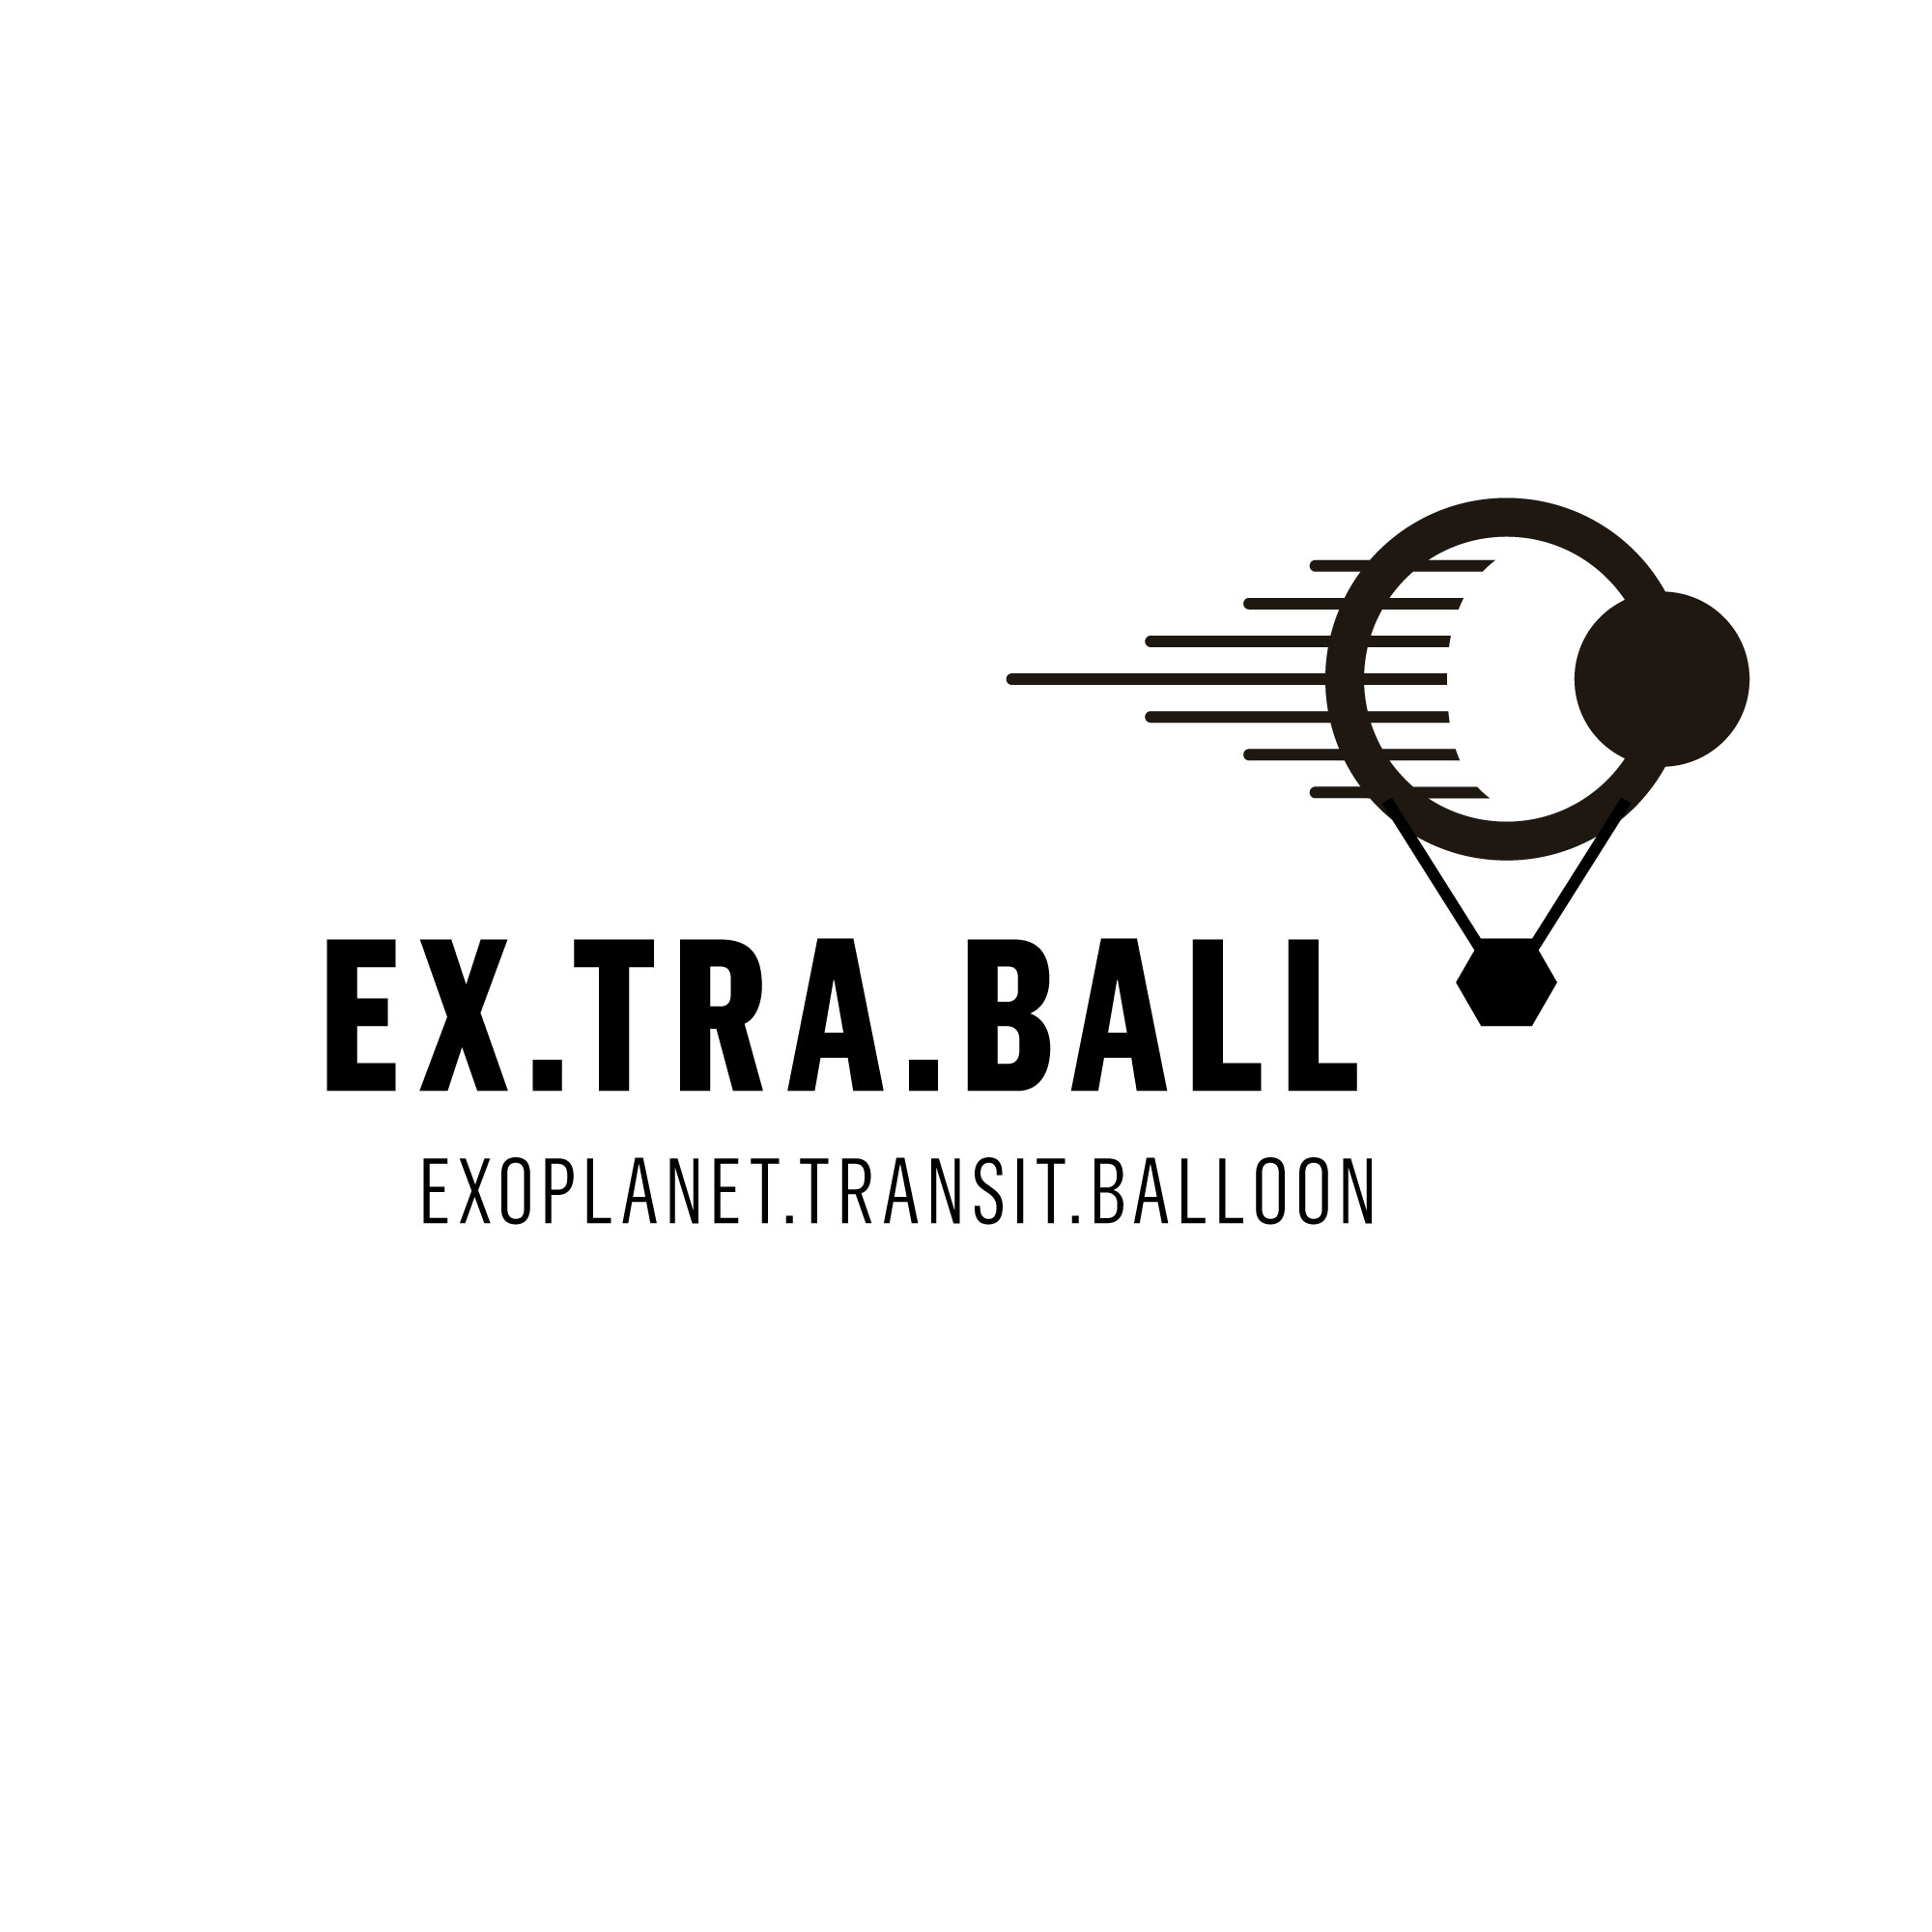 extraball.jpg